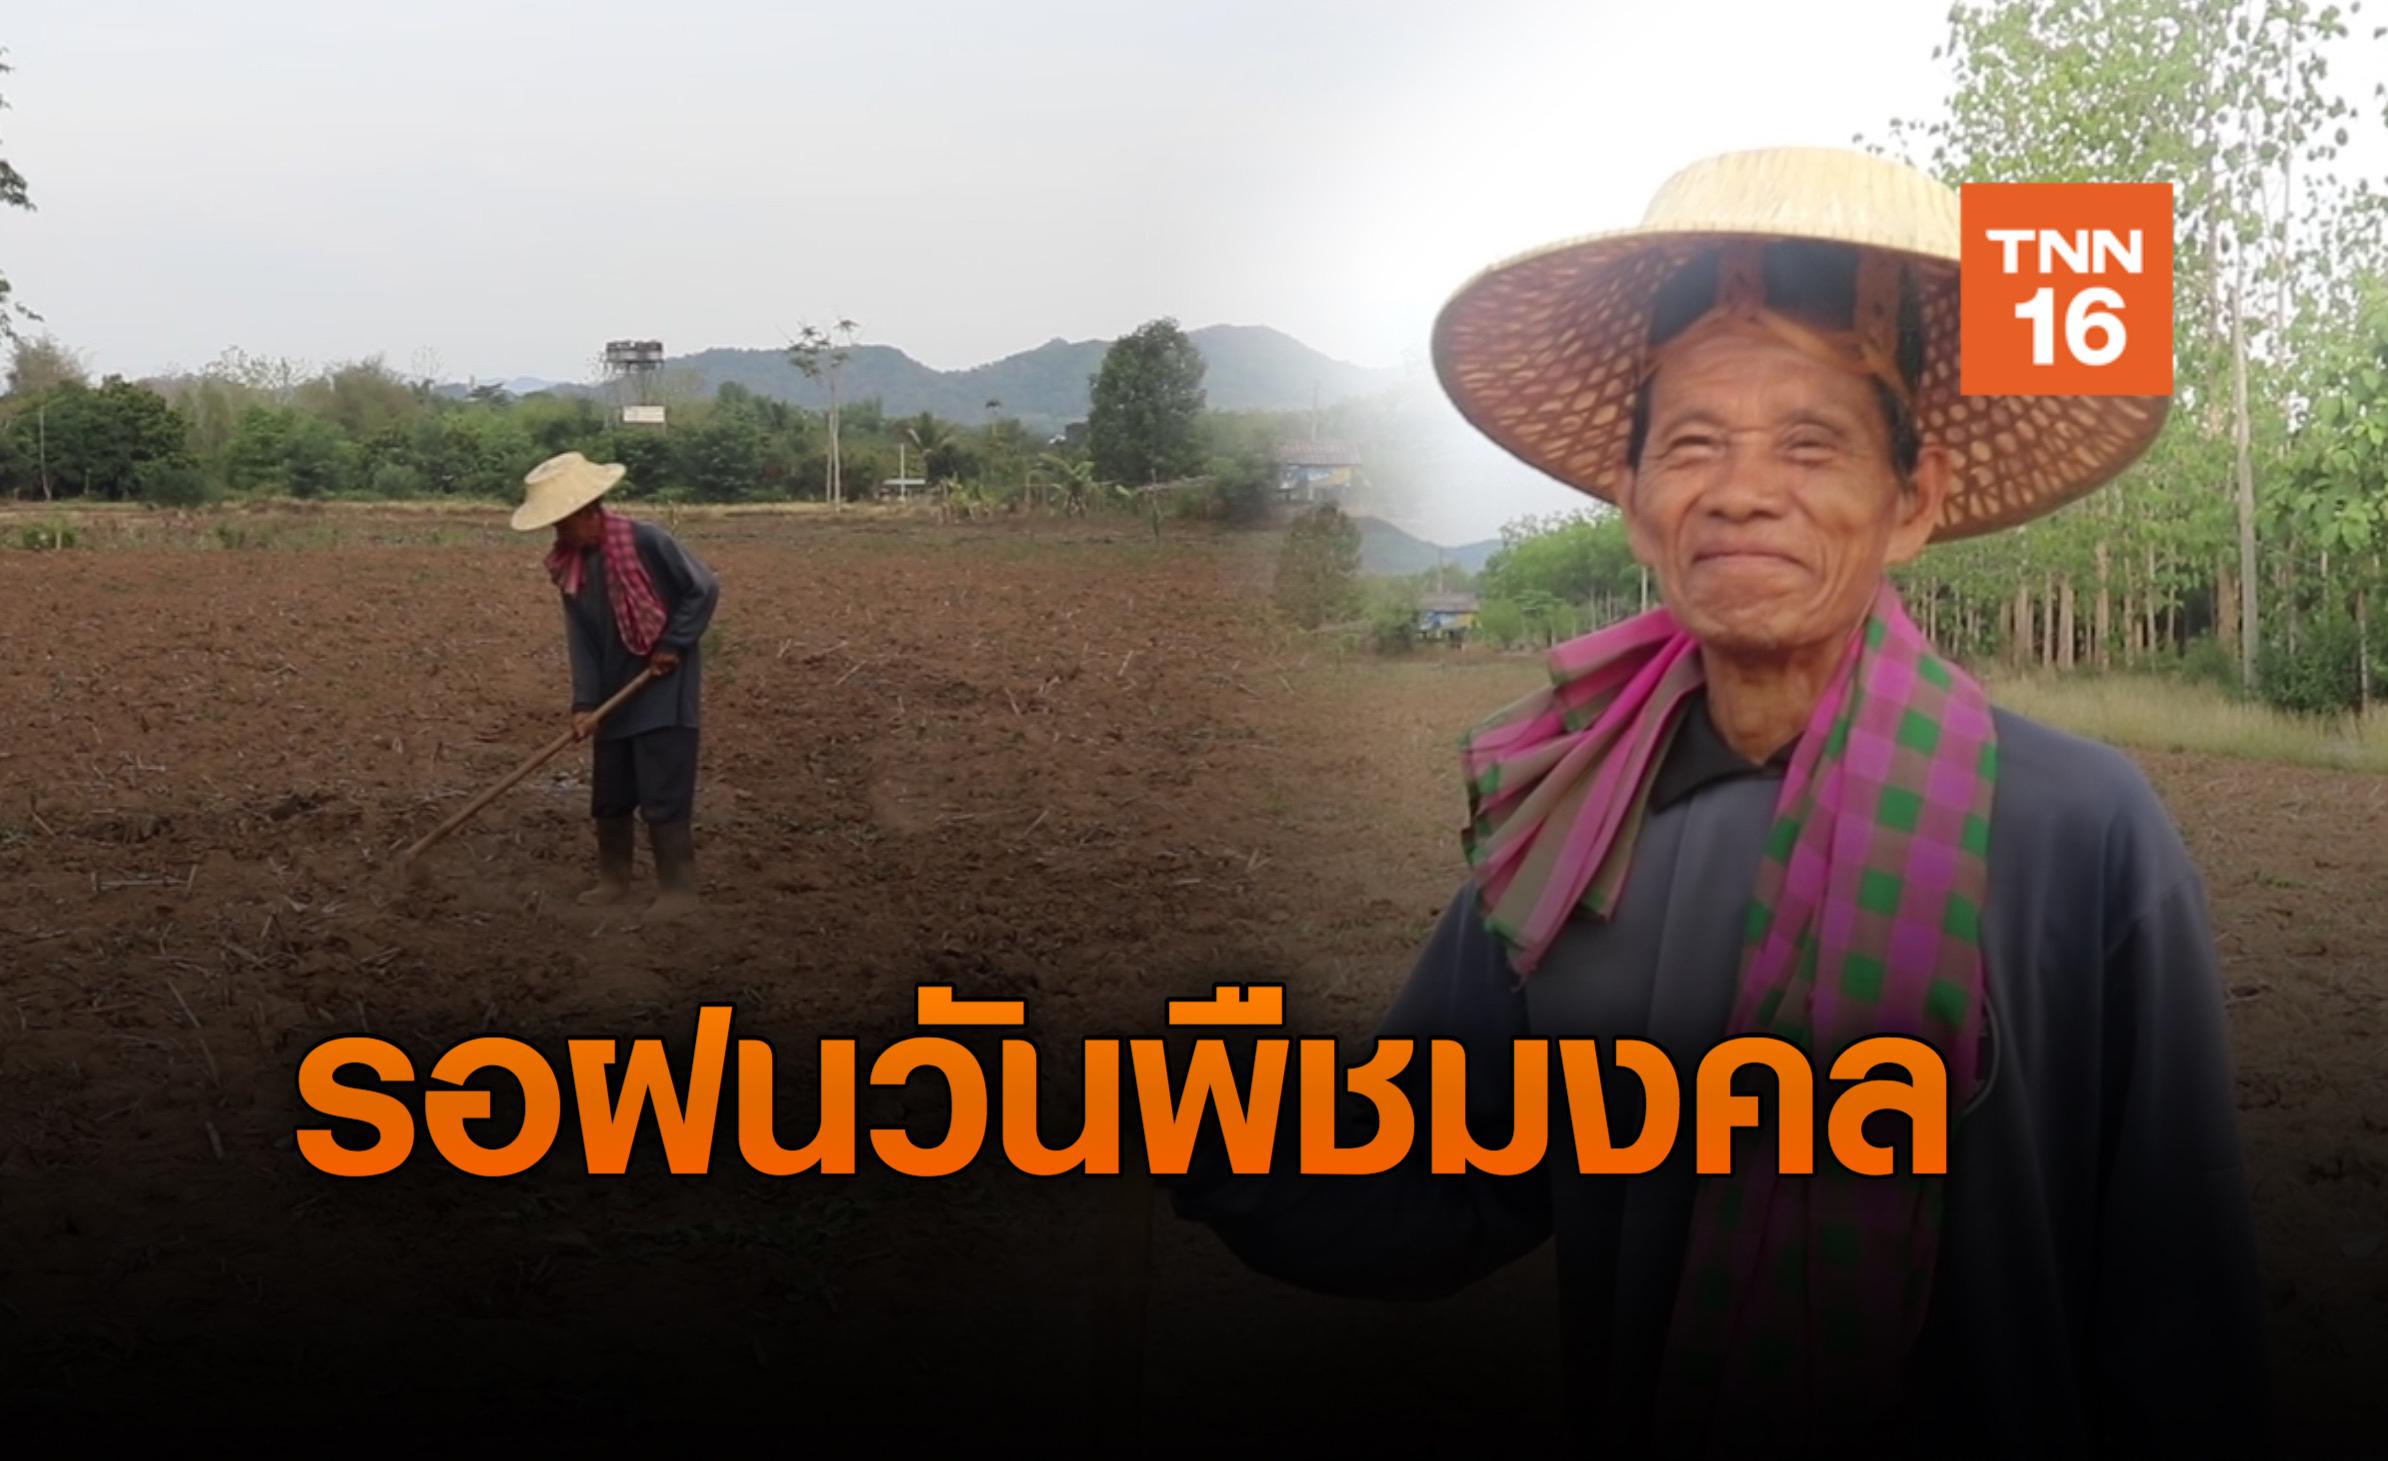 รอฝน! 1 เดียวในหมู่บ้านตาวัย 71 ปี ถือฤกษ์เตรียมดินวันพืชมงคล